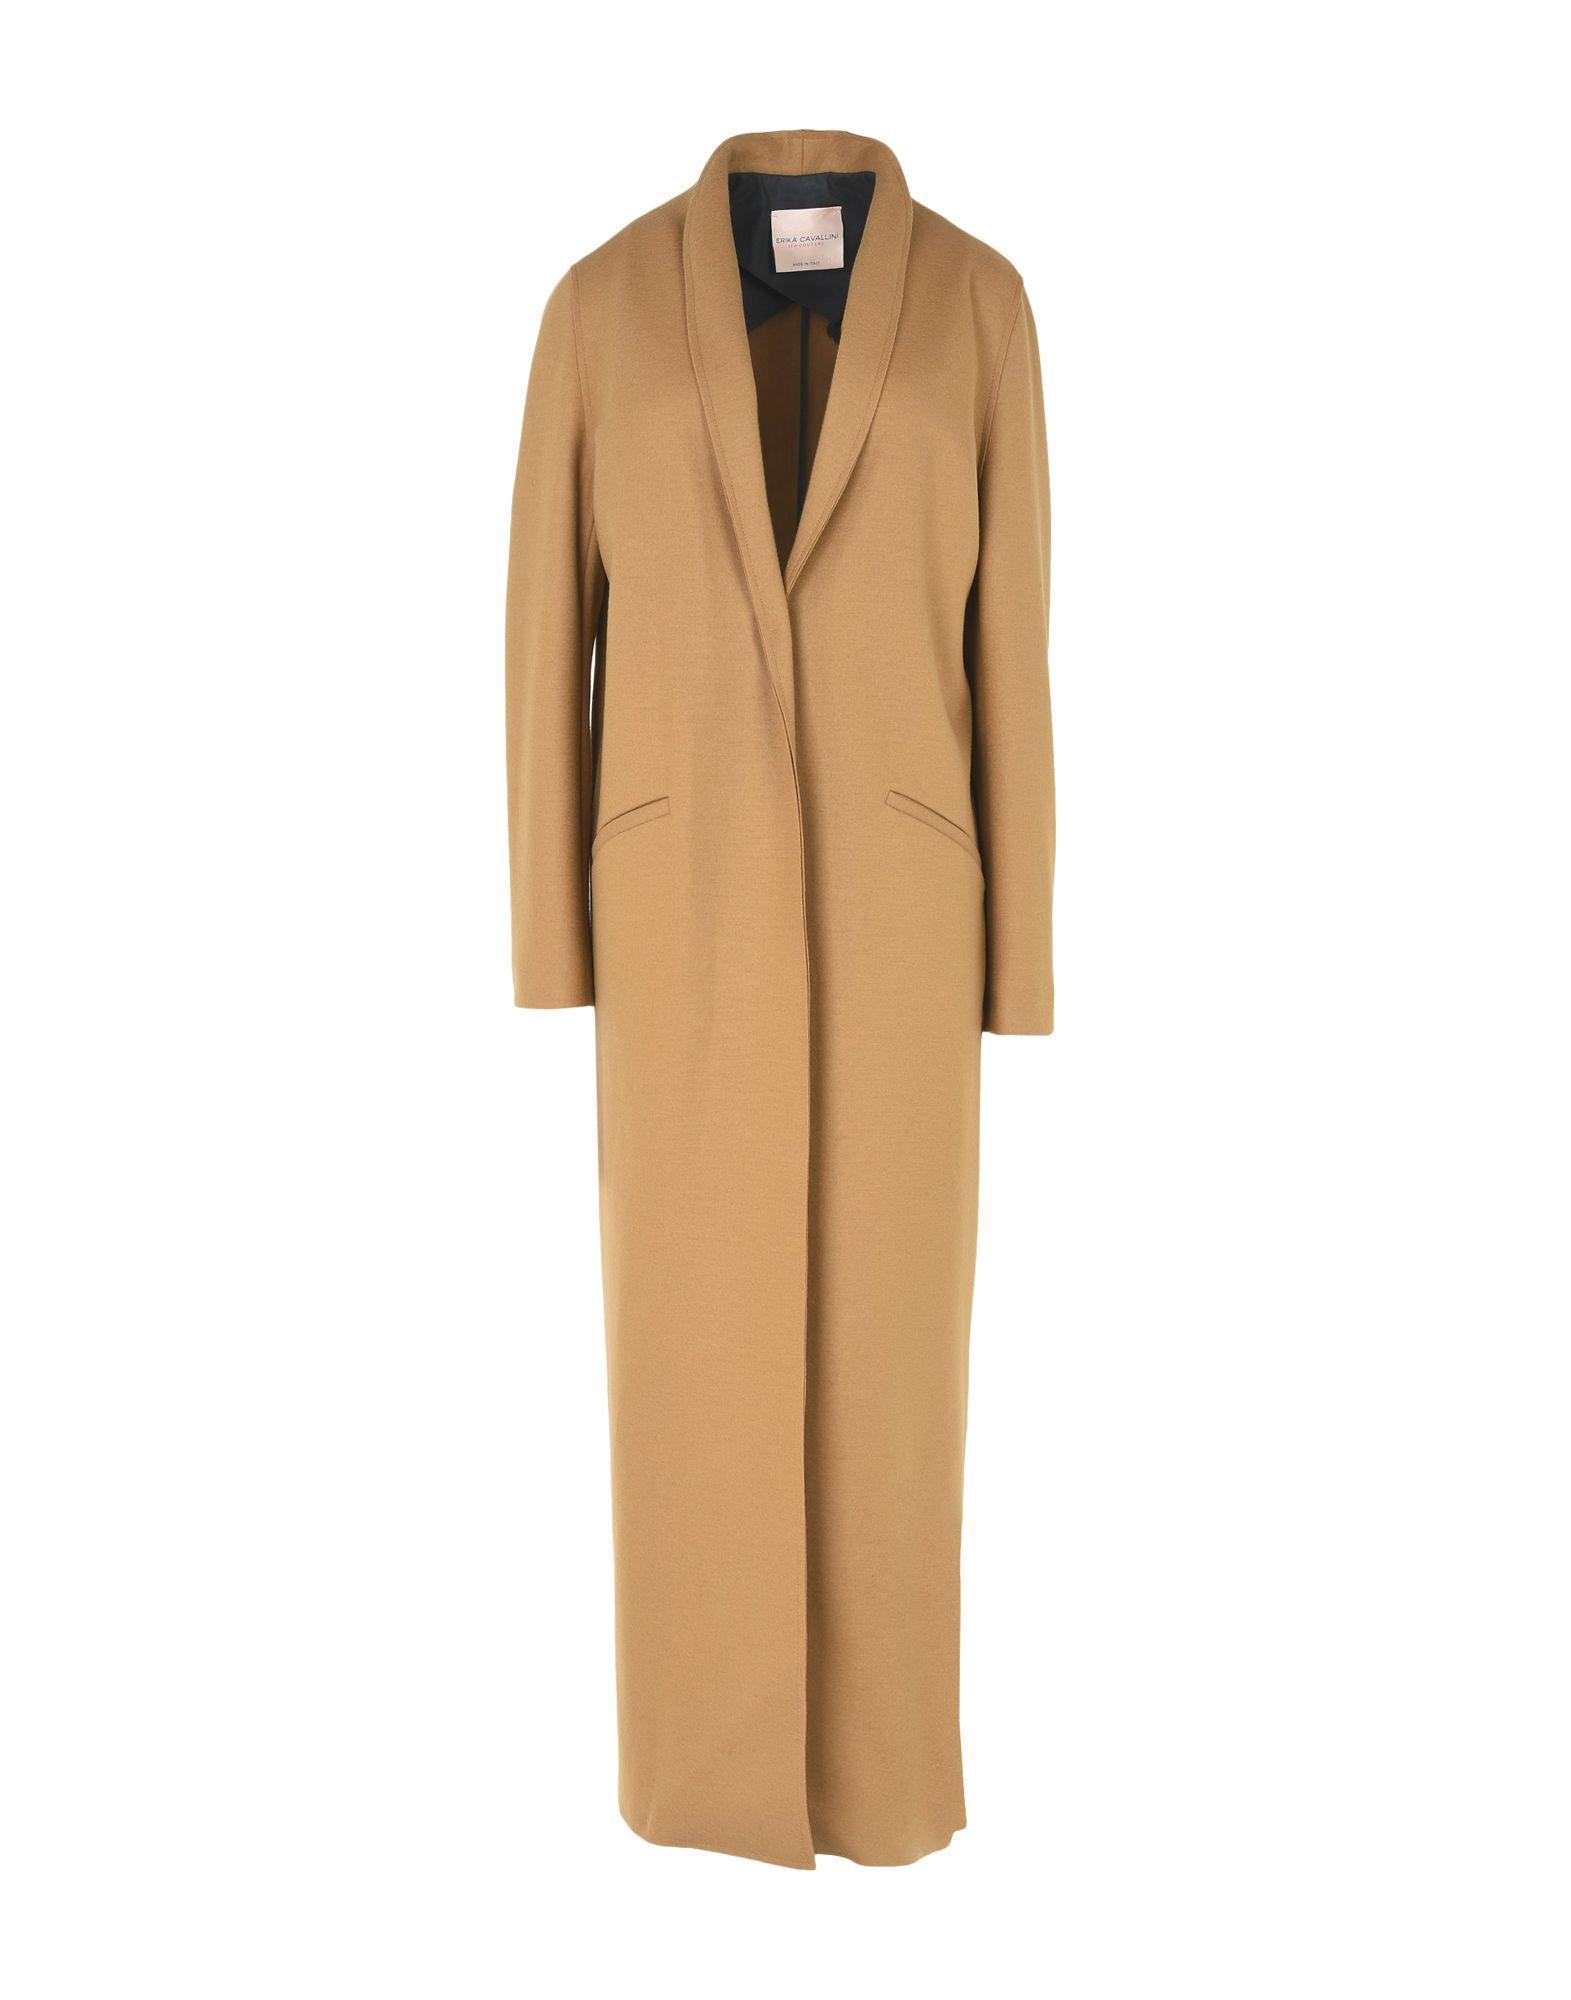 Erika Cavallini Coats In Camel